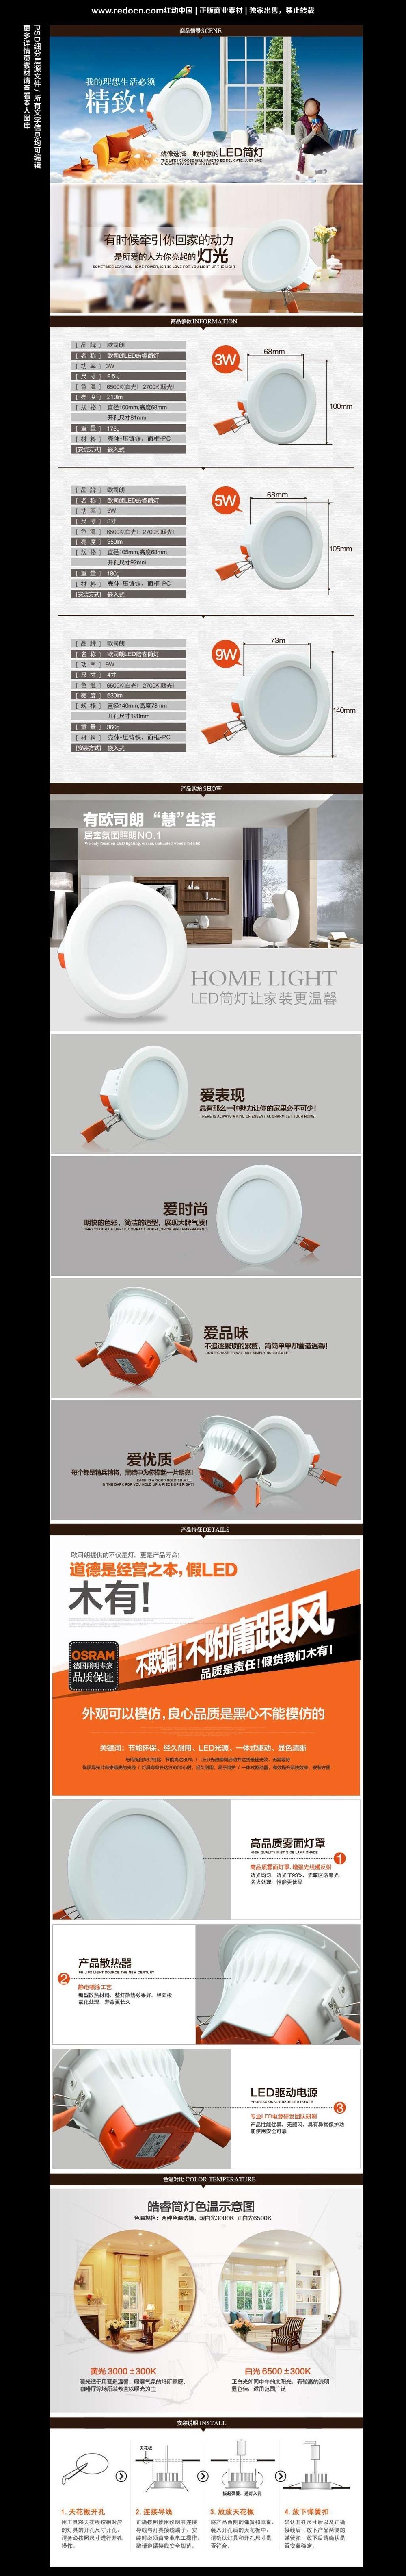 淘宝LED筒灯灯具详情页模板素材下载 编号3066047 红动网